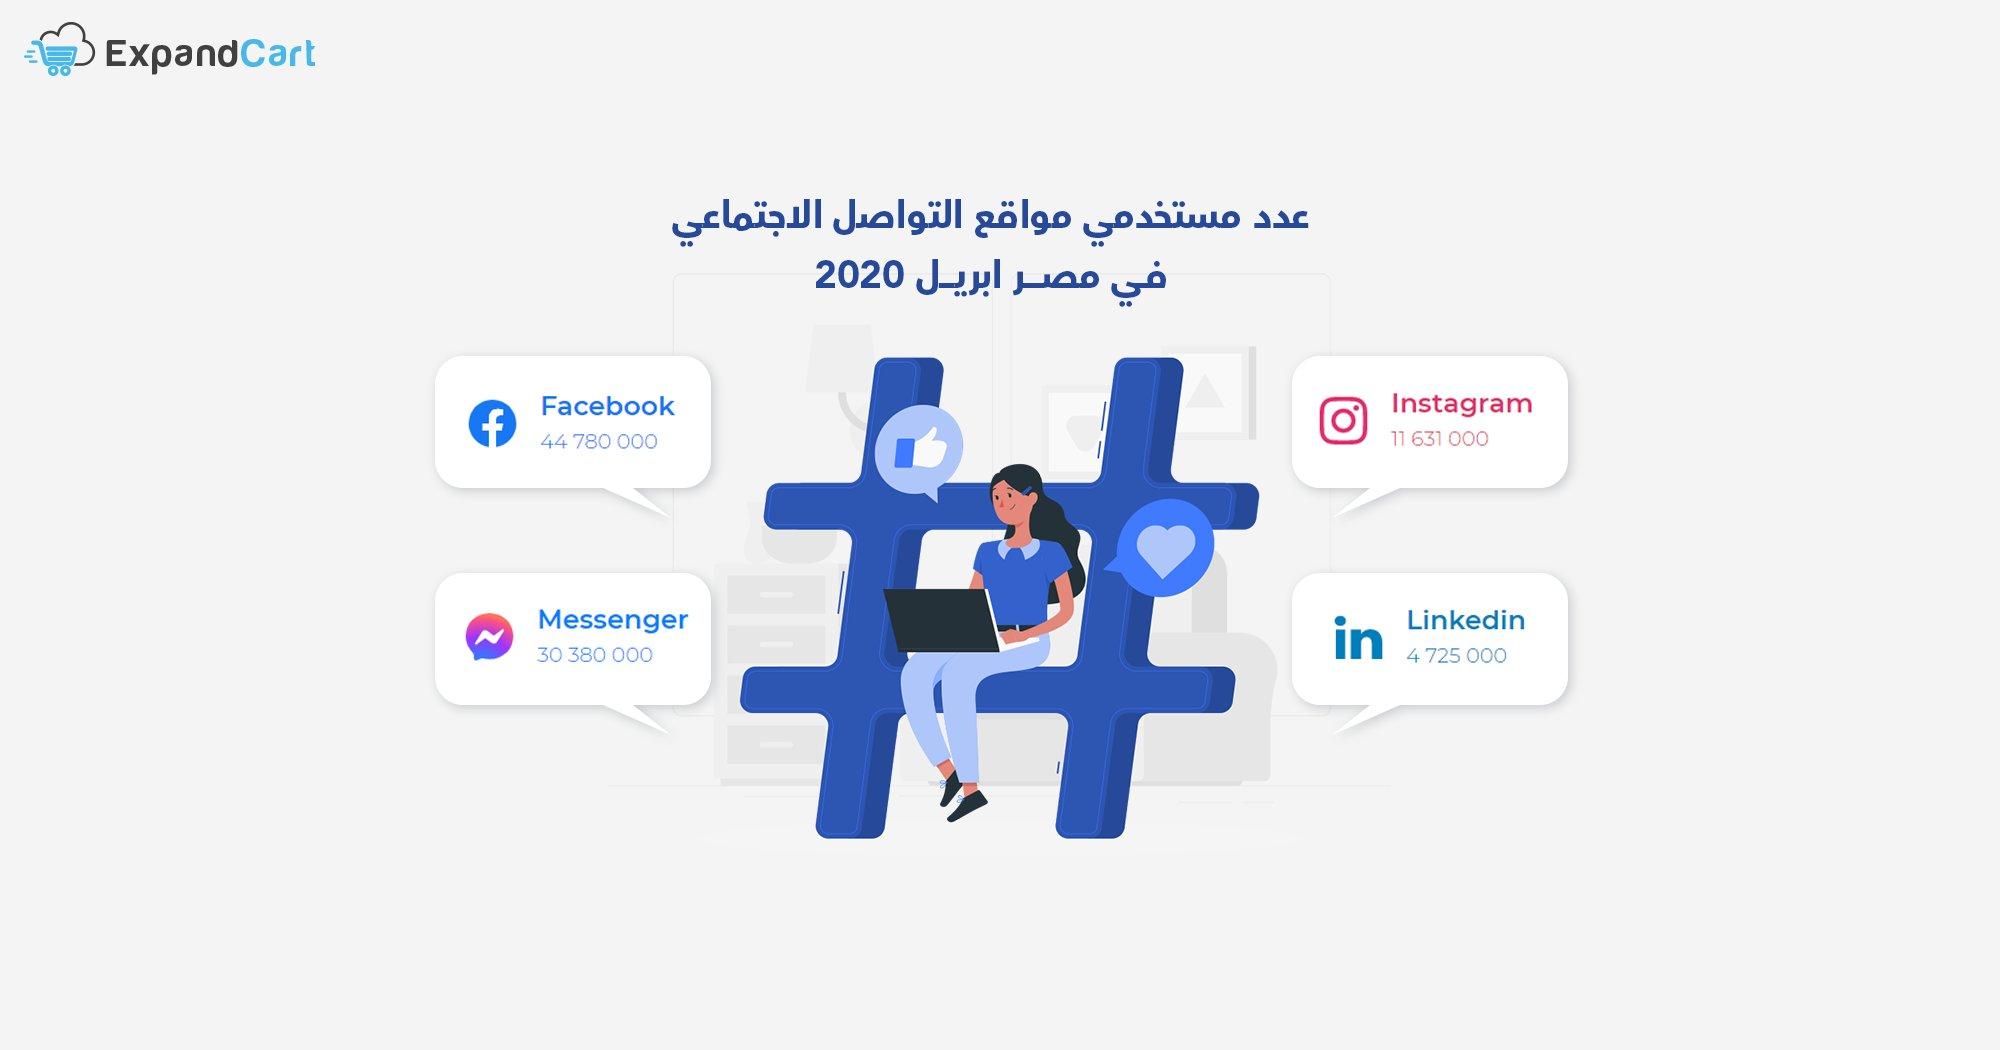 عدد مستخدمي مواقع التواصل الاجتماعي في مصر